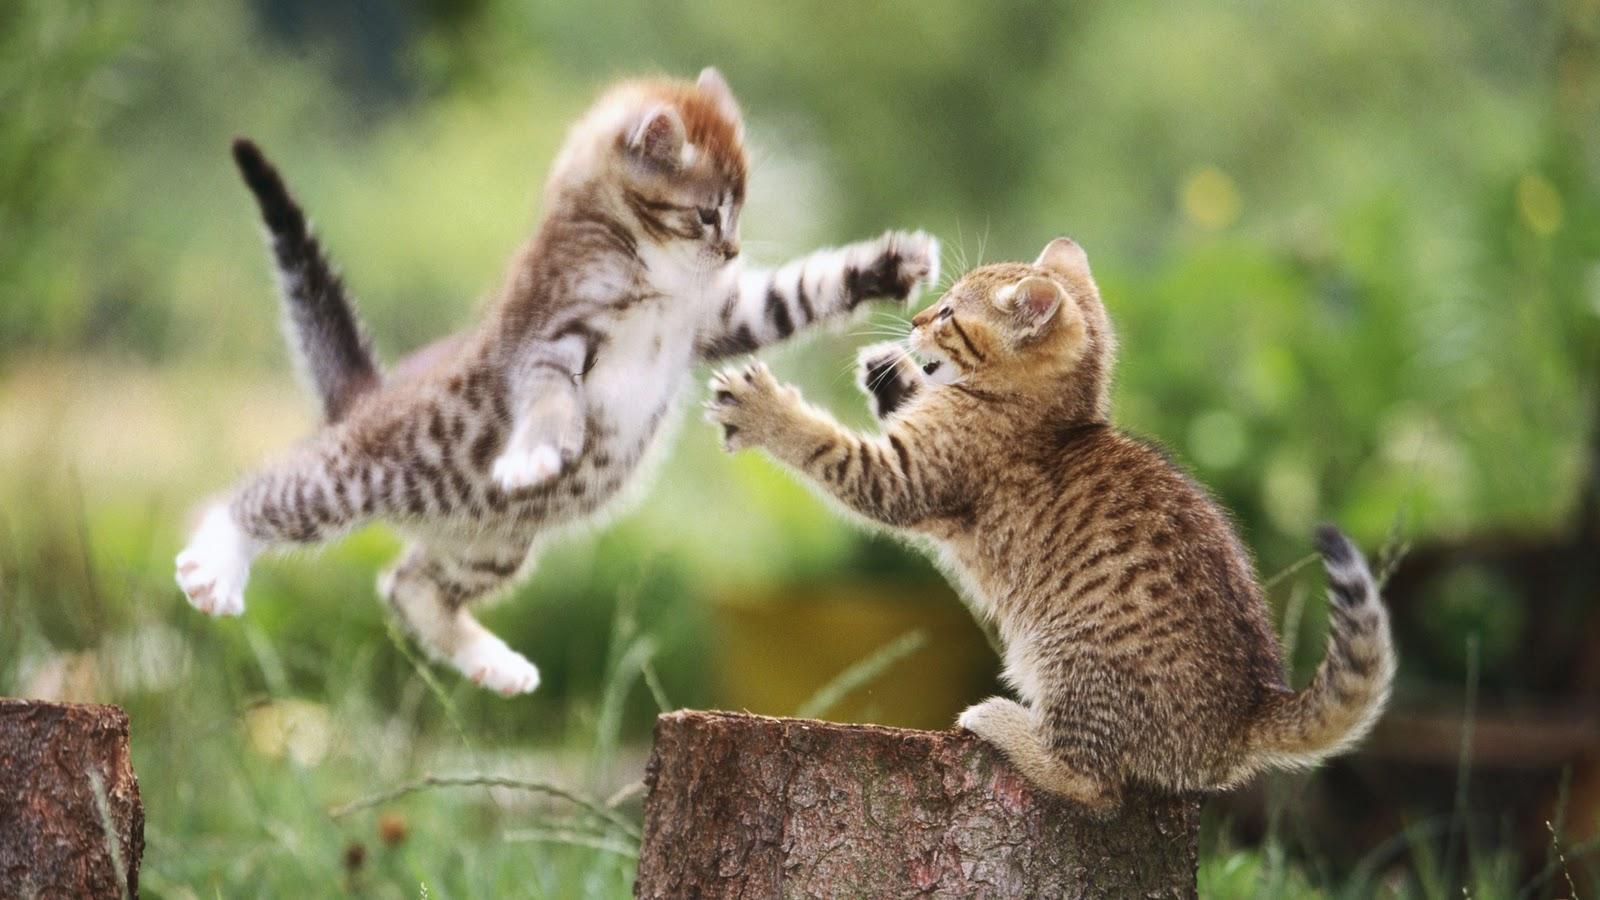 Wallpaper met twee jonge springende gevlekte katjes 1600x900